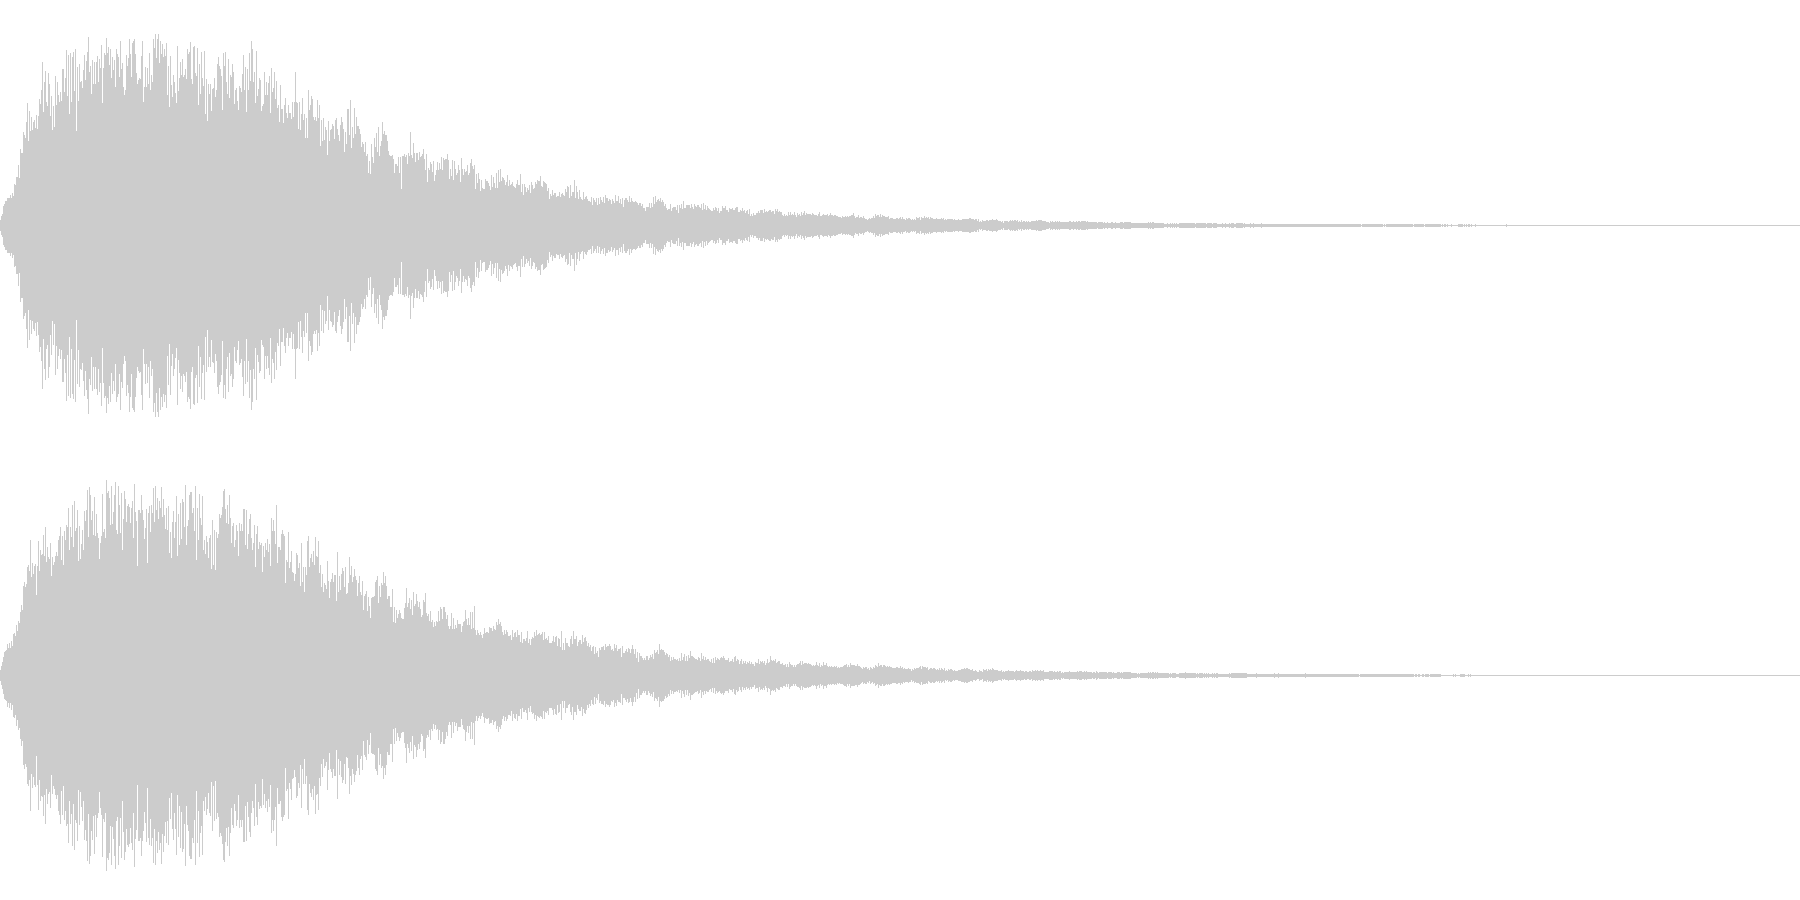 クワァァーーーーーーーーンの未再生の波形